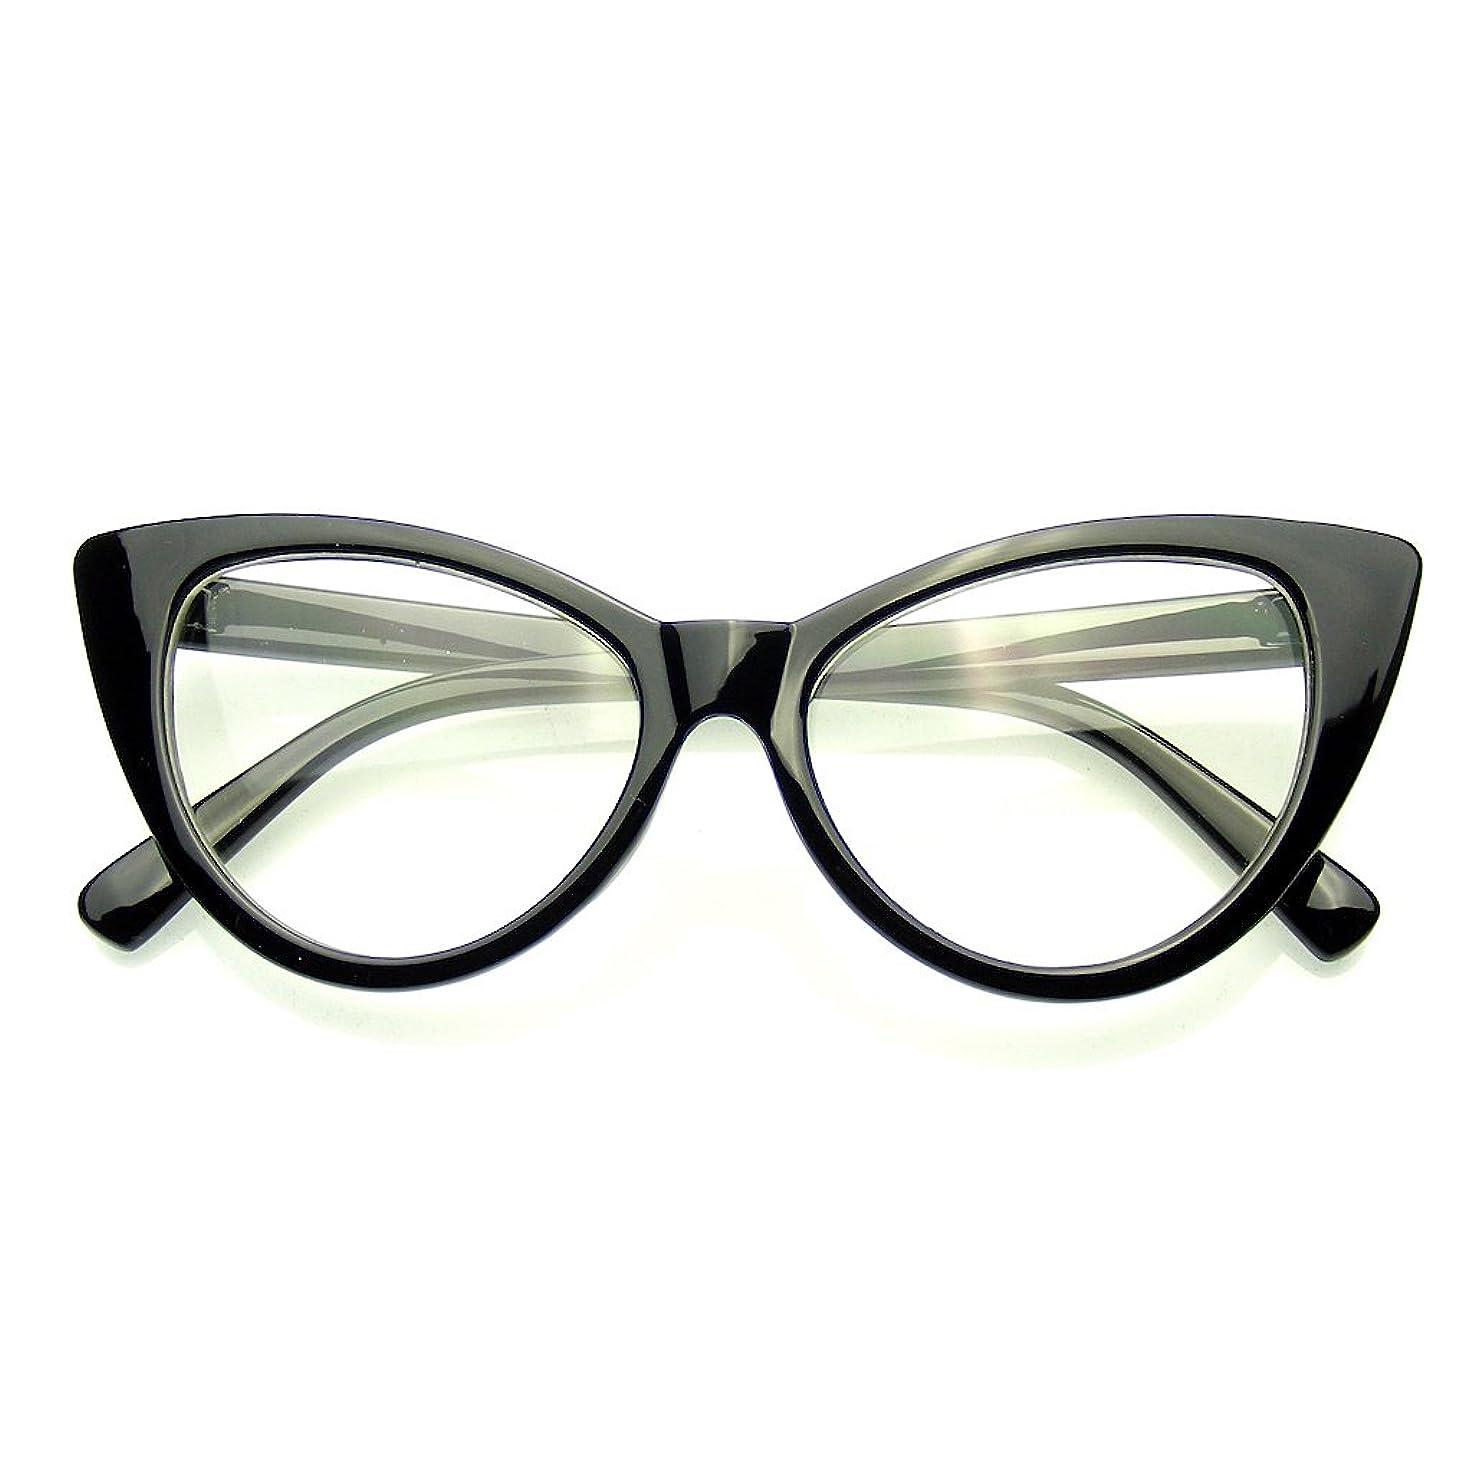 抑制する放射性キャンペーンEmblem Eyewear - Super Cat Eye GlassesヴィンテージファッションModクリアレンズアイウェア